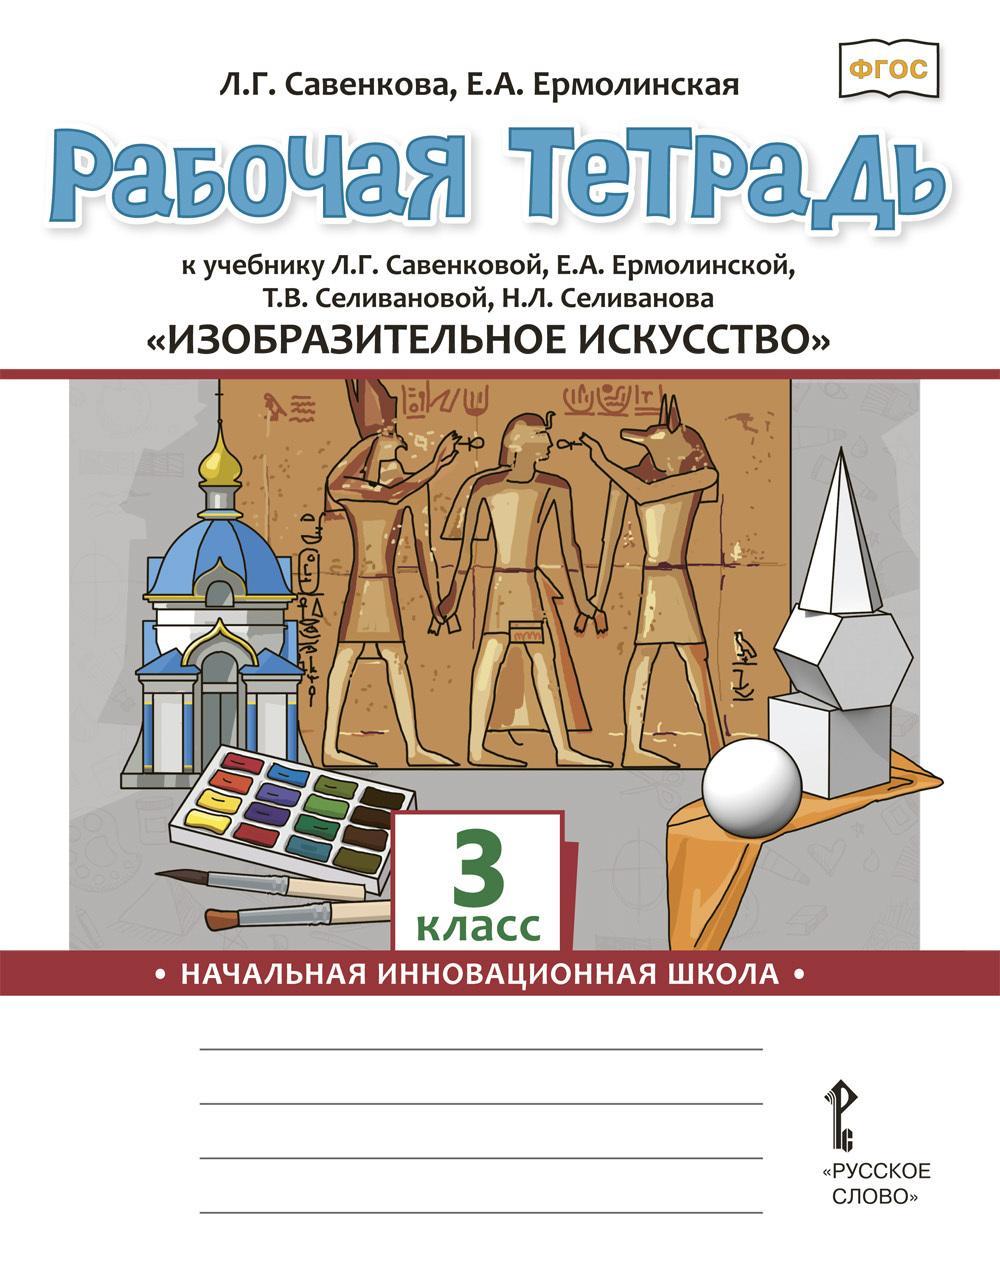 Izobrazitelnoe iskusstvo. 3 klass. Rabochaja tetrad k uchebniku L.G. Savenkovoj, E.A. Ermolinskoj, T.V. Selivanovoj, N.L. Selivanova